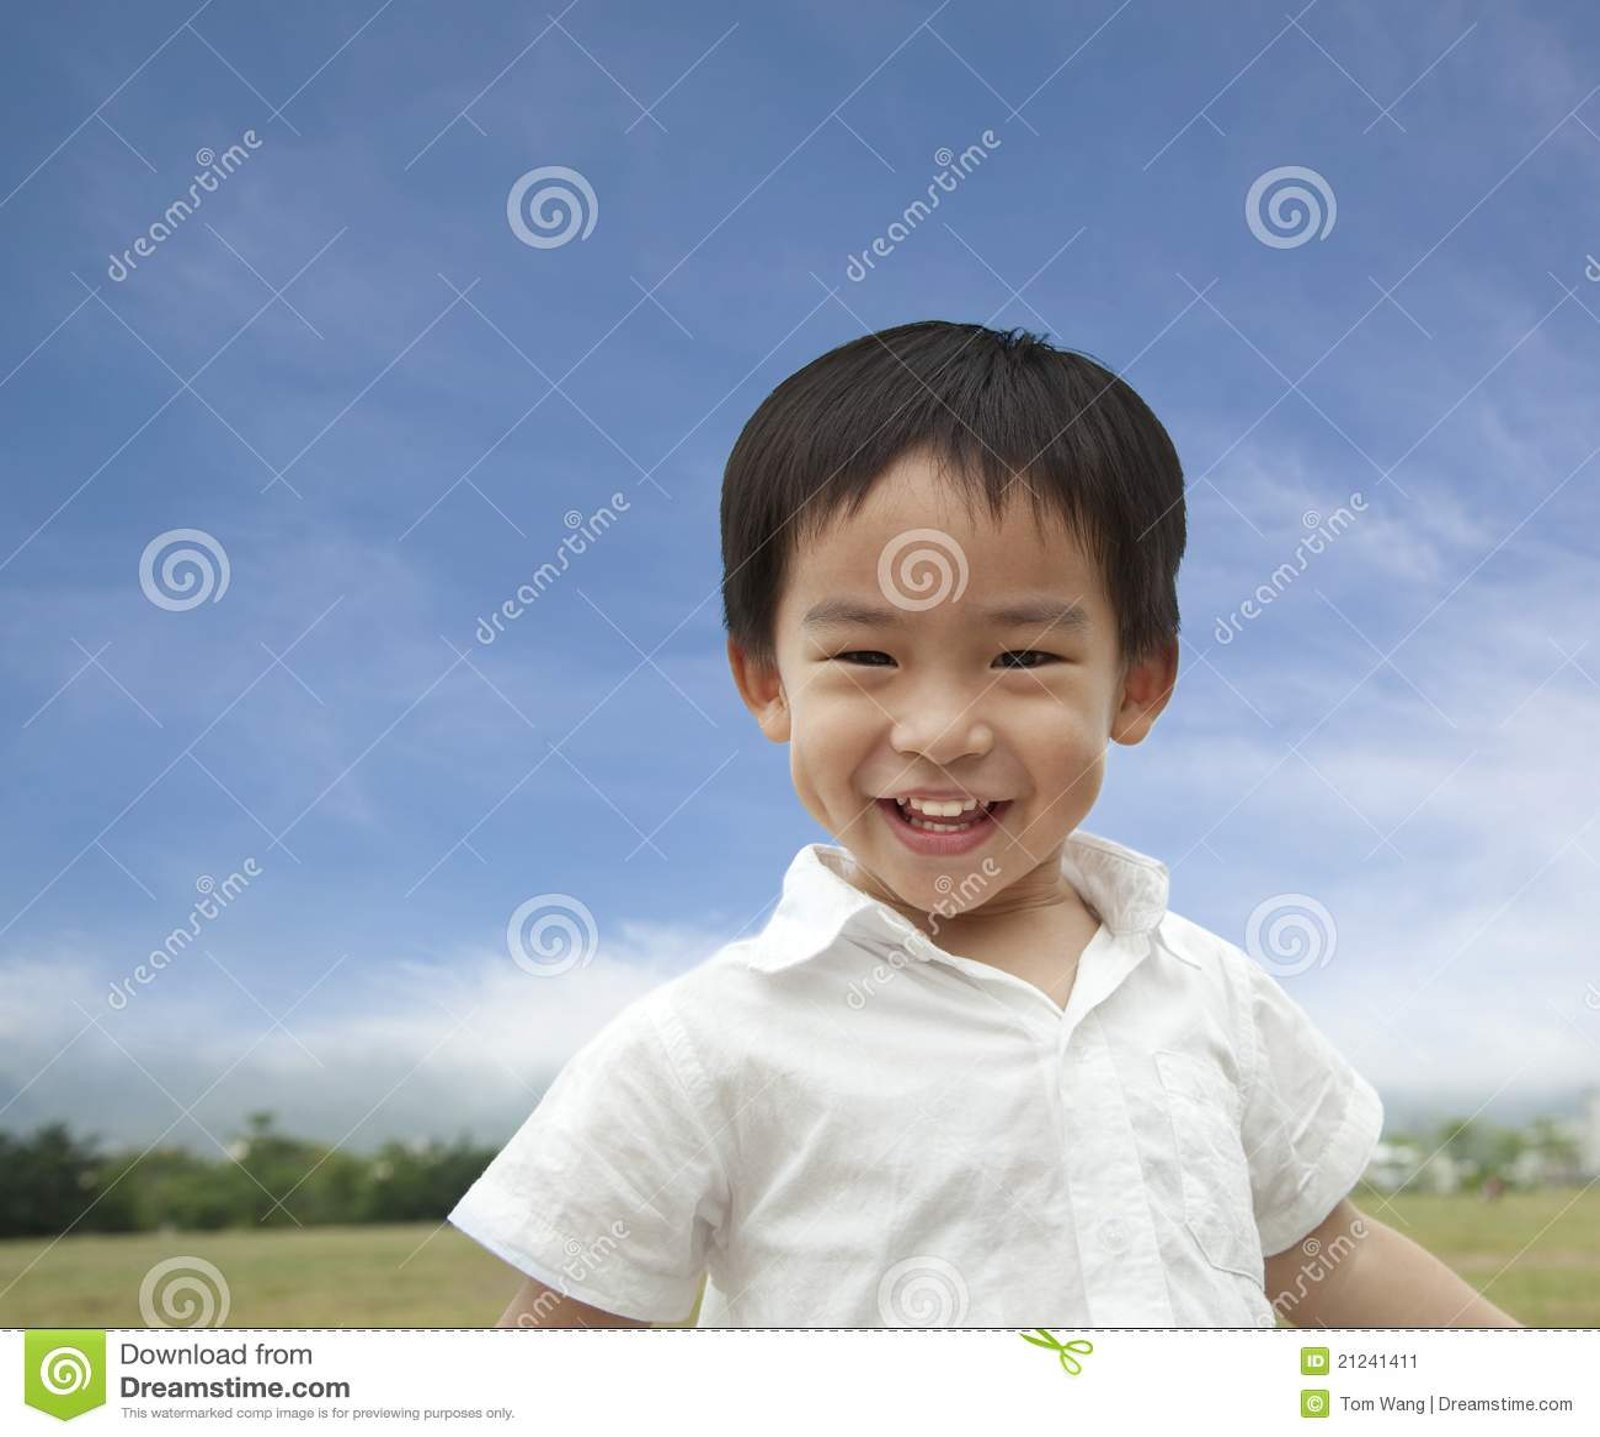 Asian smiling boy